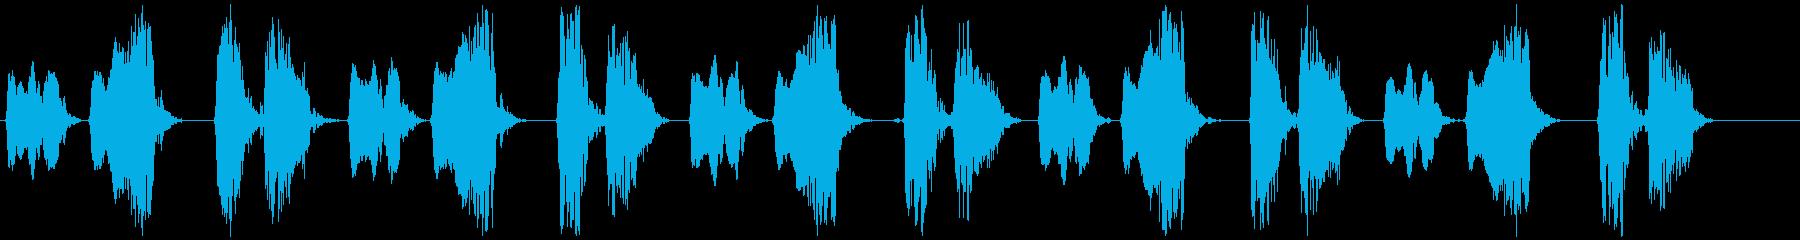 キジバト② 長め ホーホー ホッホーの再生済みの波形